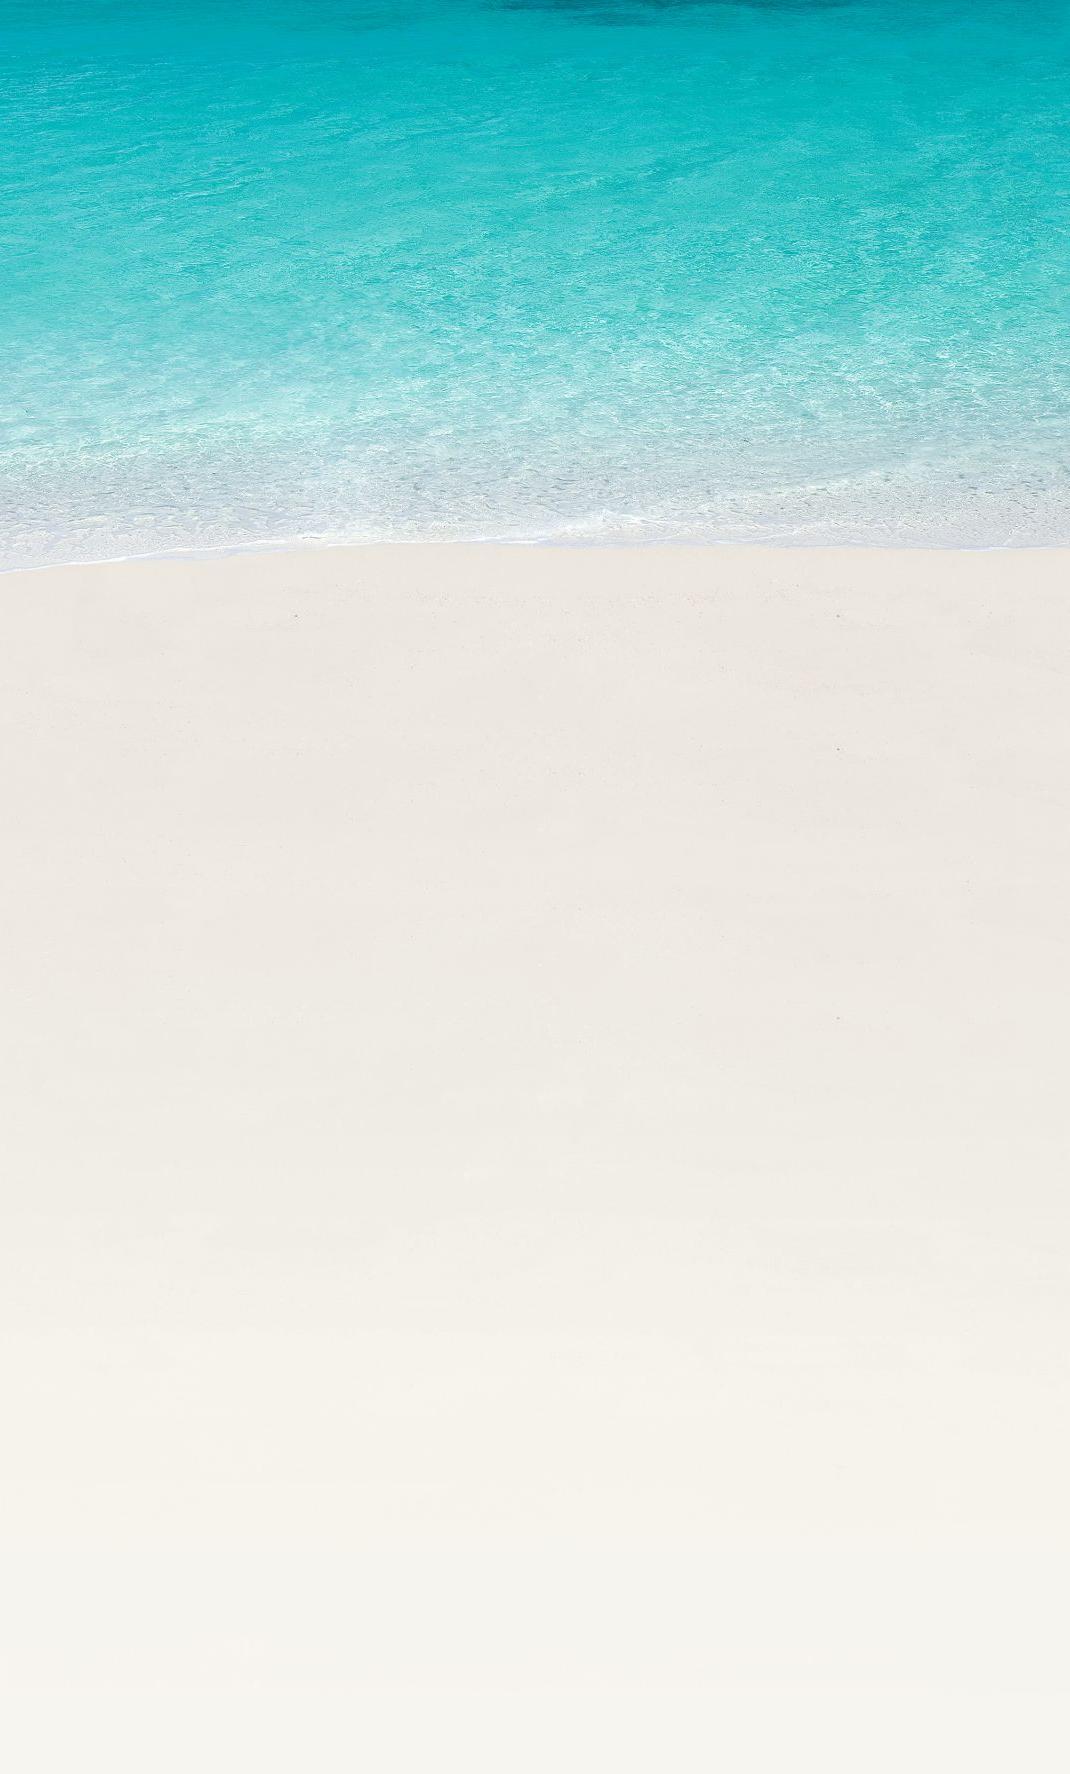 """Sprung zu Ankerpunkt #home-below. Key Visal von Trauminsel Reisen, Strand von Constance Tsarabanjina, Madagaskar, Weißer Sand und Türkises Meer, Sonnenschirm und zwei Strandliegen aus Reißig. Logo: """"Trauminsel Reisen - Nothing compares."""""""